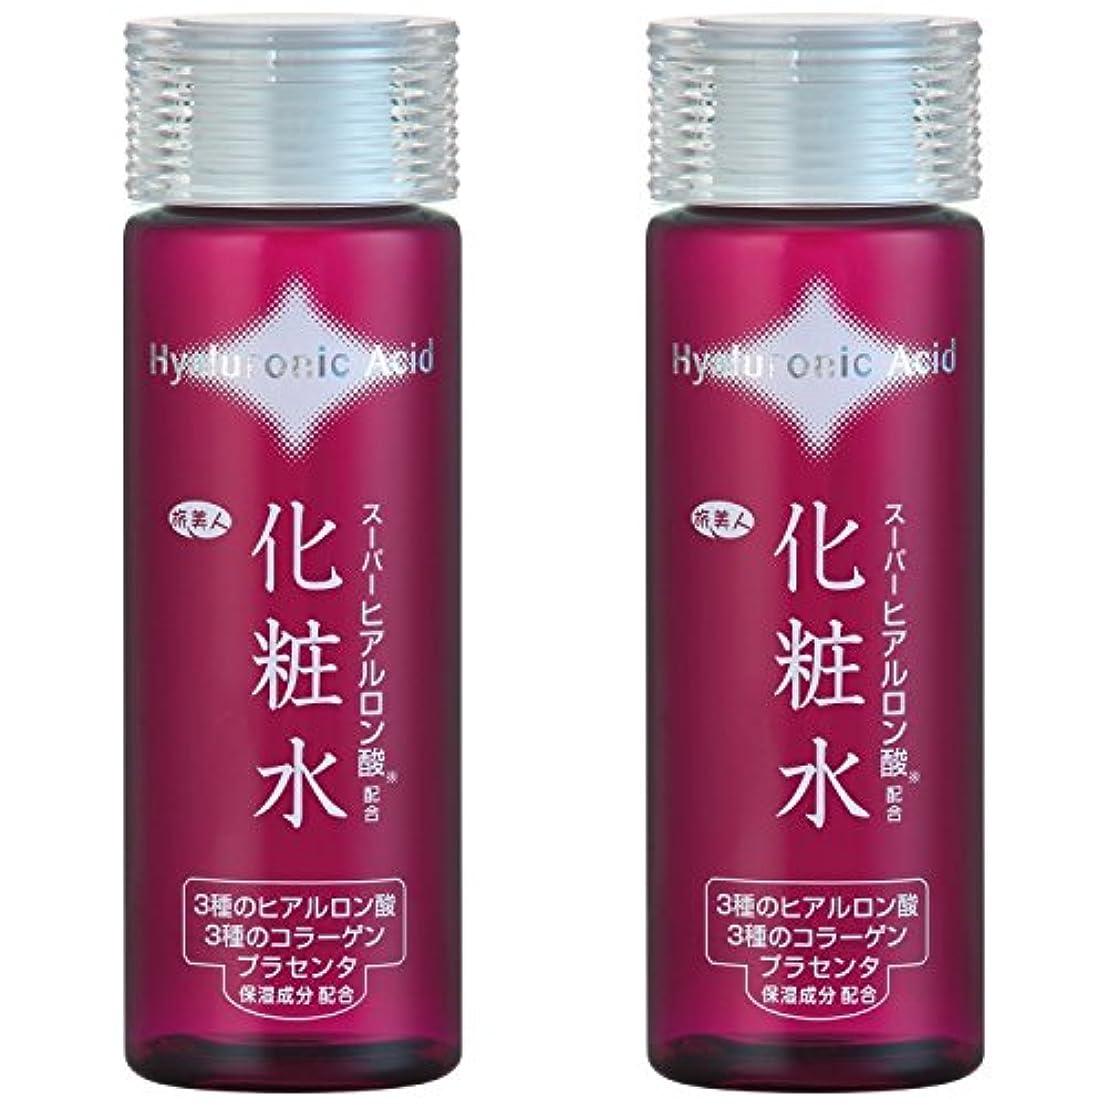 別々に人気の幅アズマ商事の スーパーヒアルロン酸配合 化粧水2本セット / 7種の整肌保湿成分を贅沢配合 旅美人